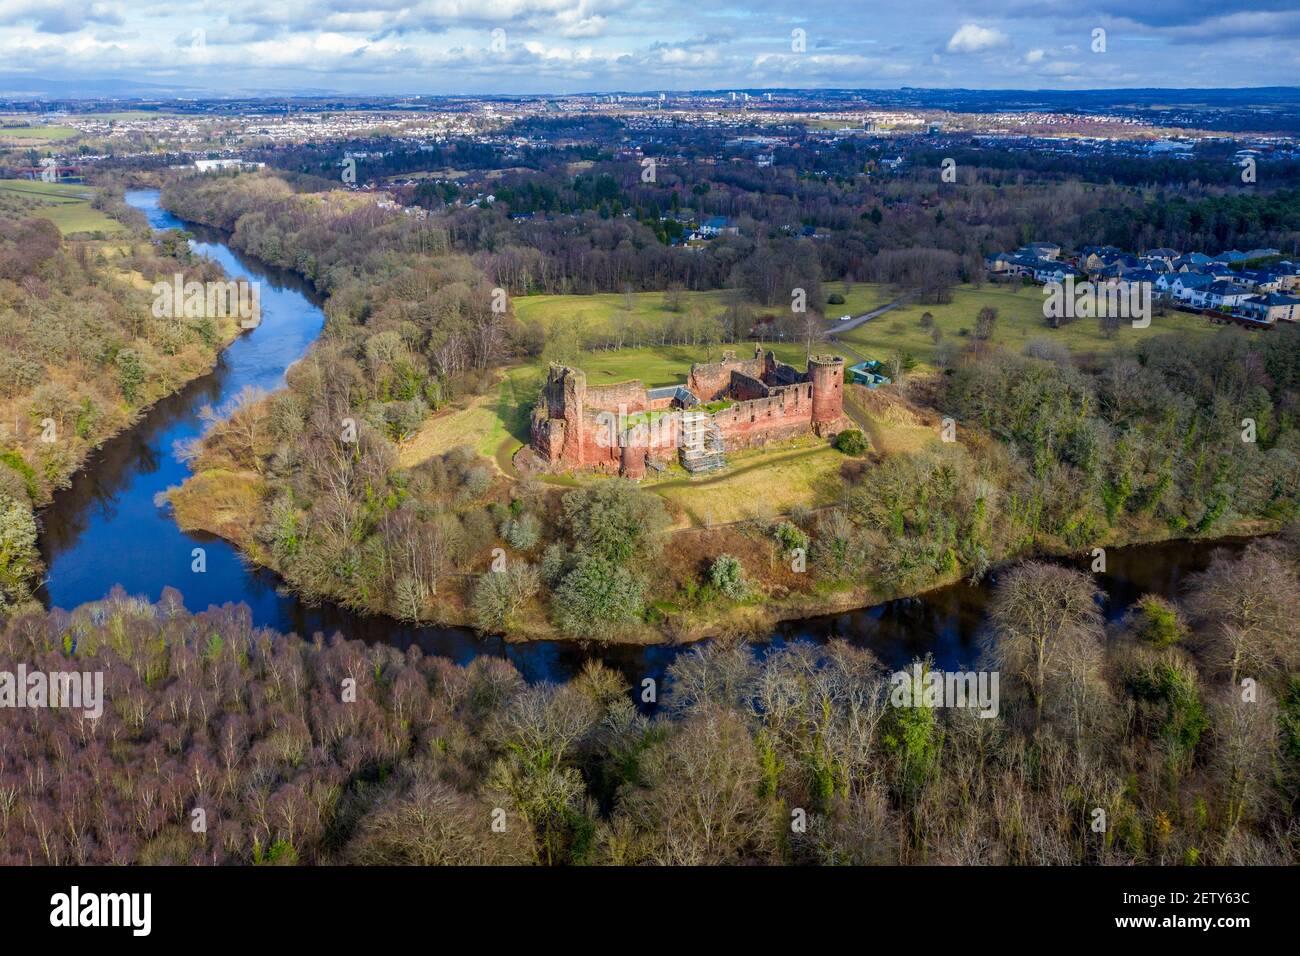 Vue aérienne du château de Bothwell sur les rives de la rivière Clyde, South Lanarkshire, Écosse. Banque D'Images